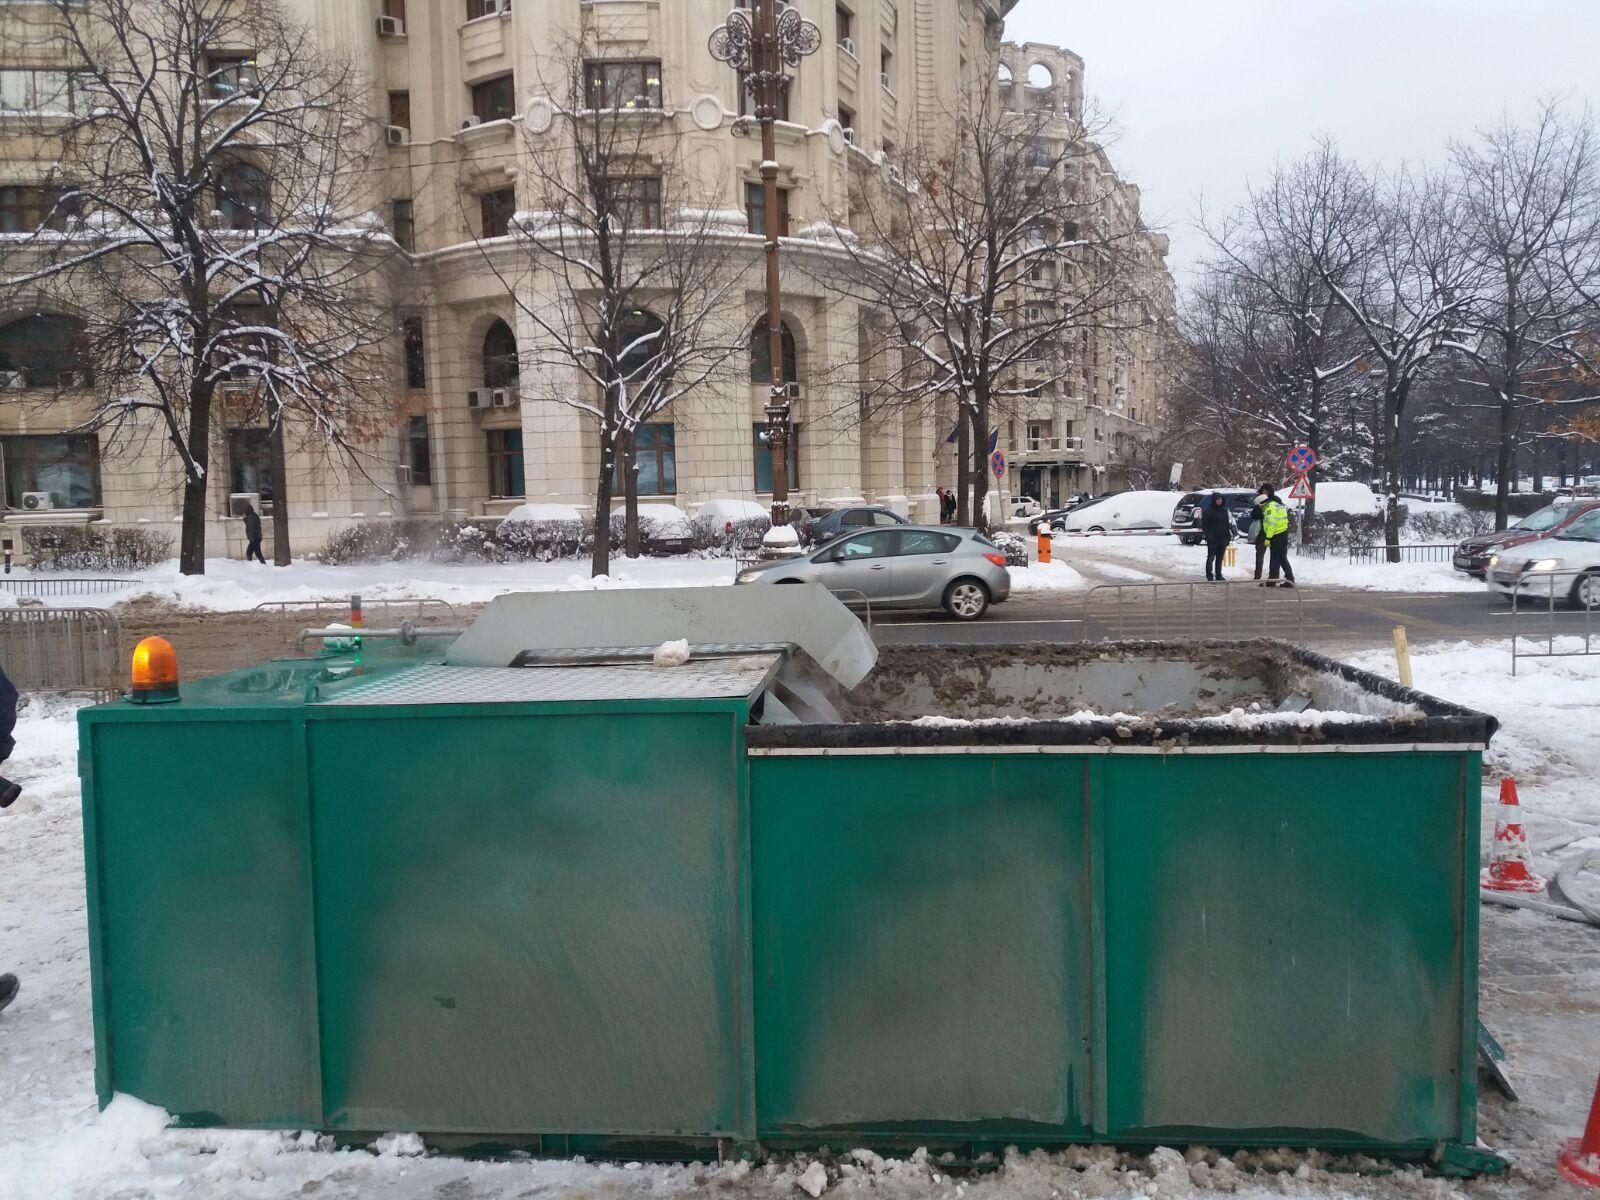 Bilanţul lui Firea după prima zăpadă în Bucureşti: Au fost topite peste 1.800 de tone de zăpadă, iar Piaţa Victoriei a fost eliberată. Unde sunt situate instalaţiile